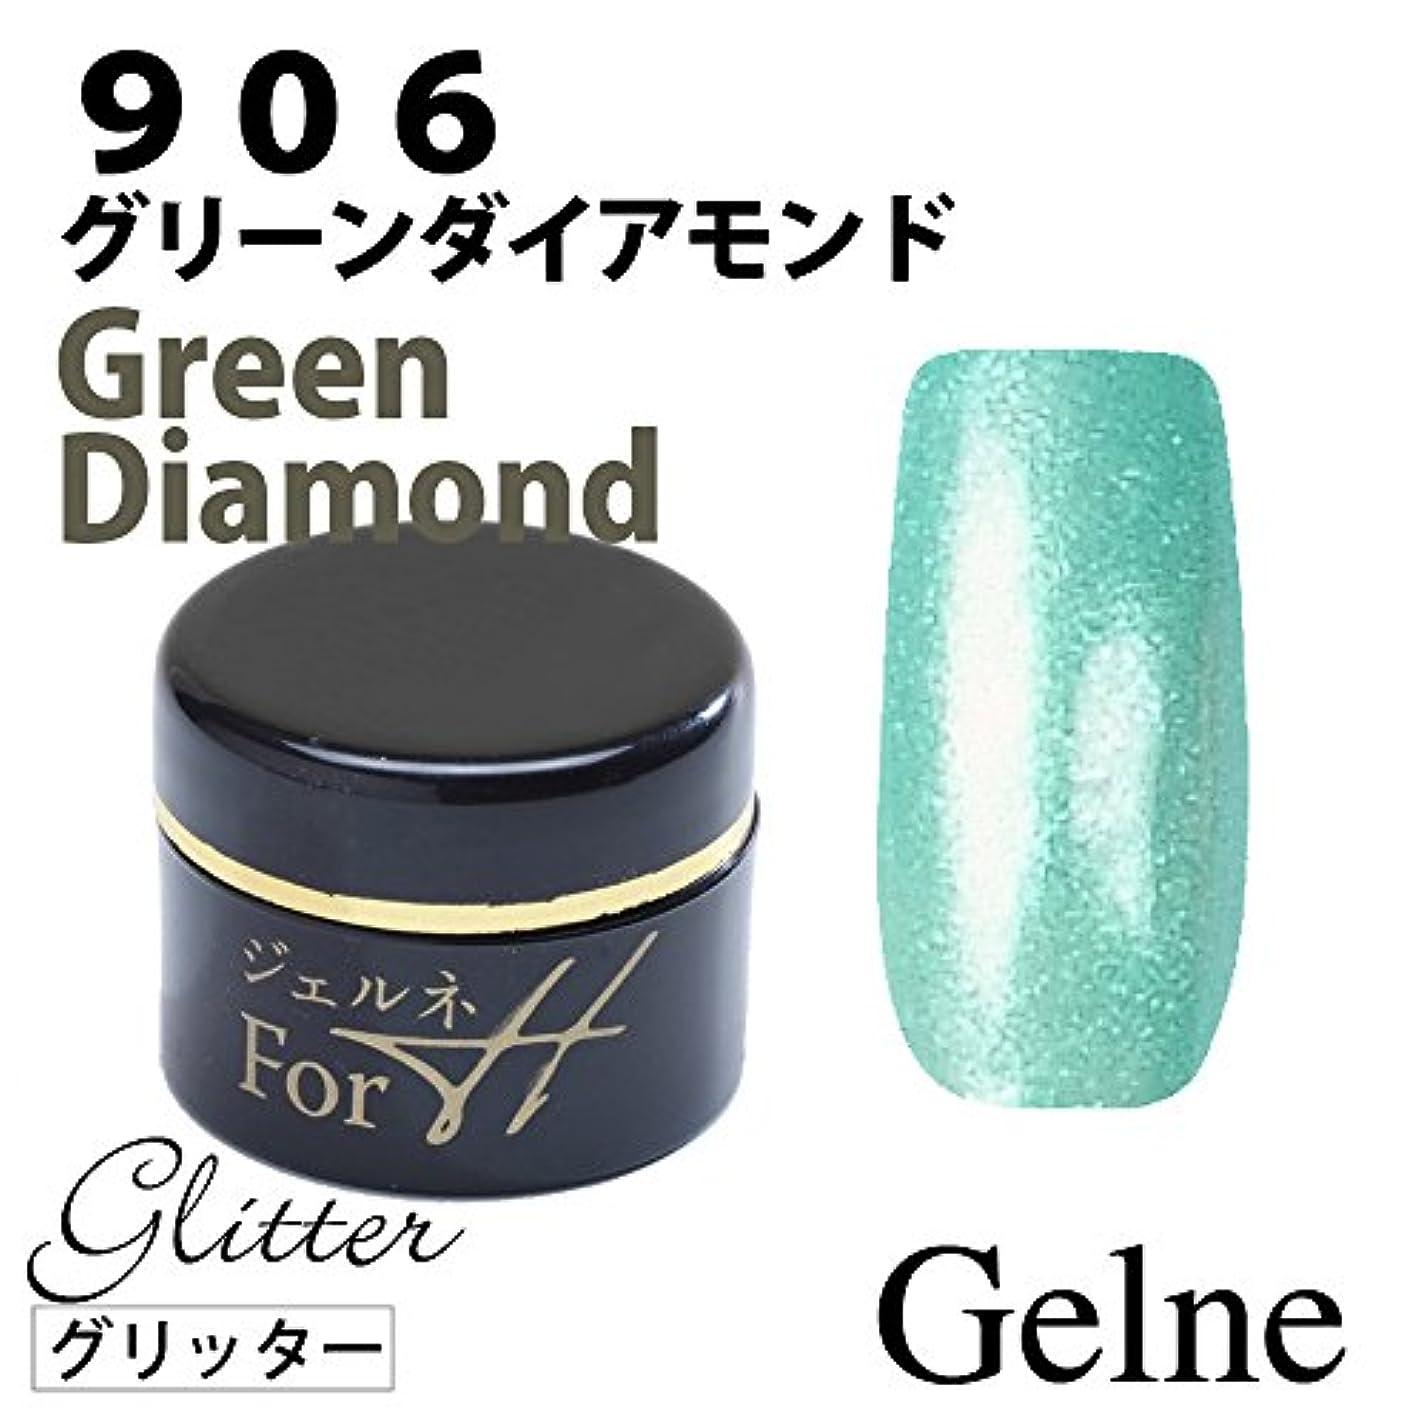 一貫性のない冷酷な逆説Gelneオリジナル グリーンダイヤモンド カラージェル 5g LED/UV対応